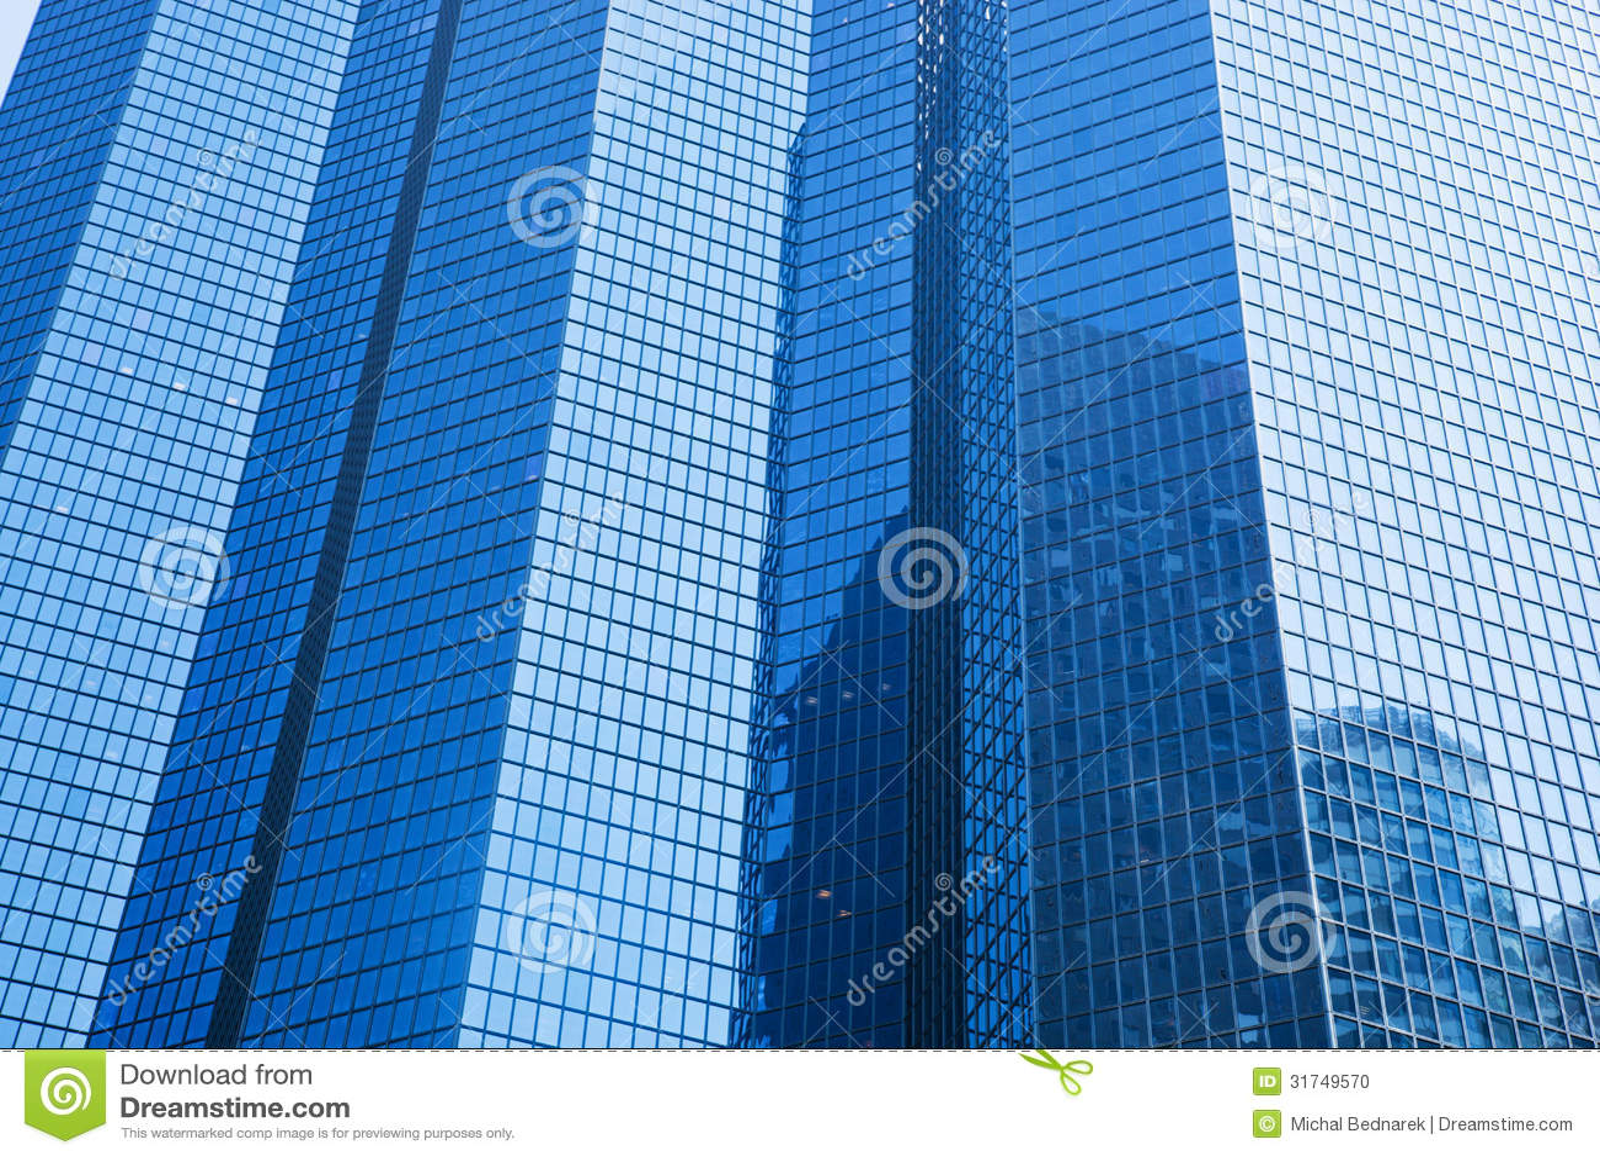 Arquitectura moderna de los rascacielos del negocio en tinte azul.